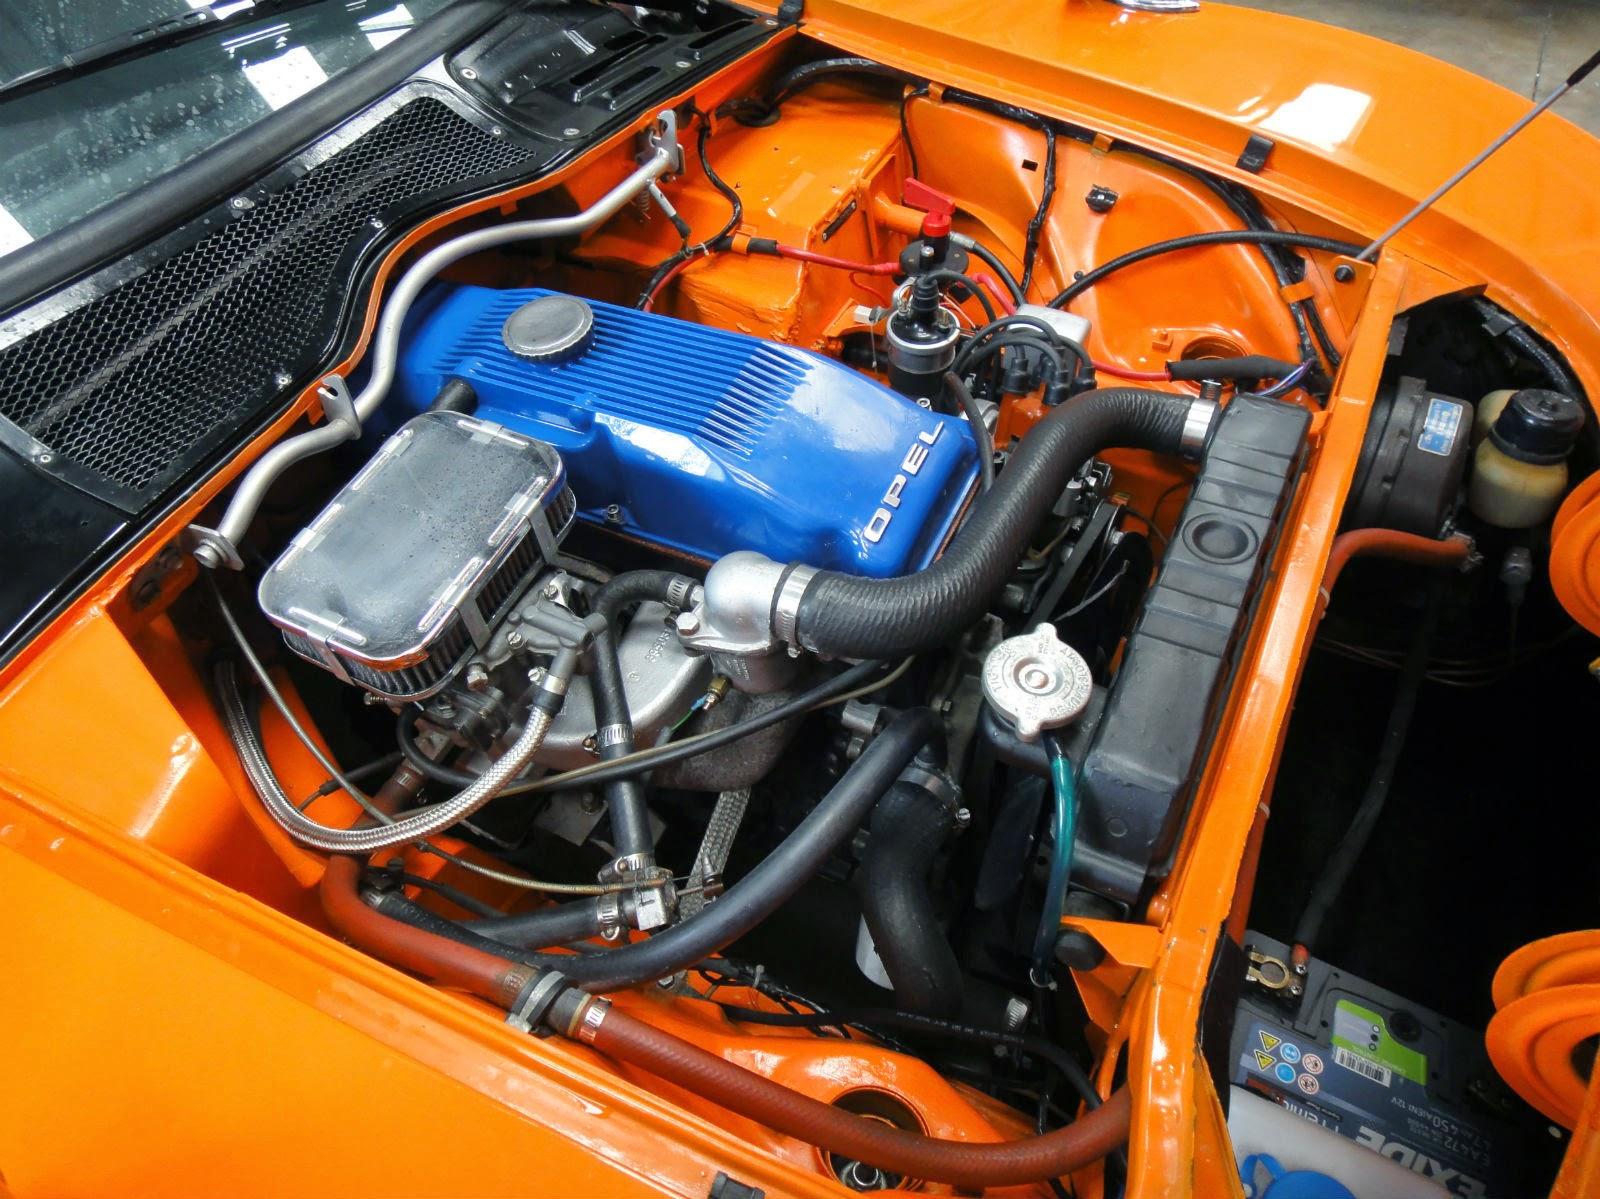 ... 1970 opel gt fully restored auto restorationice 1969 Opel GT www ebay  co uk itm opel